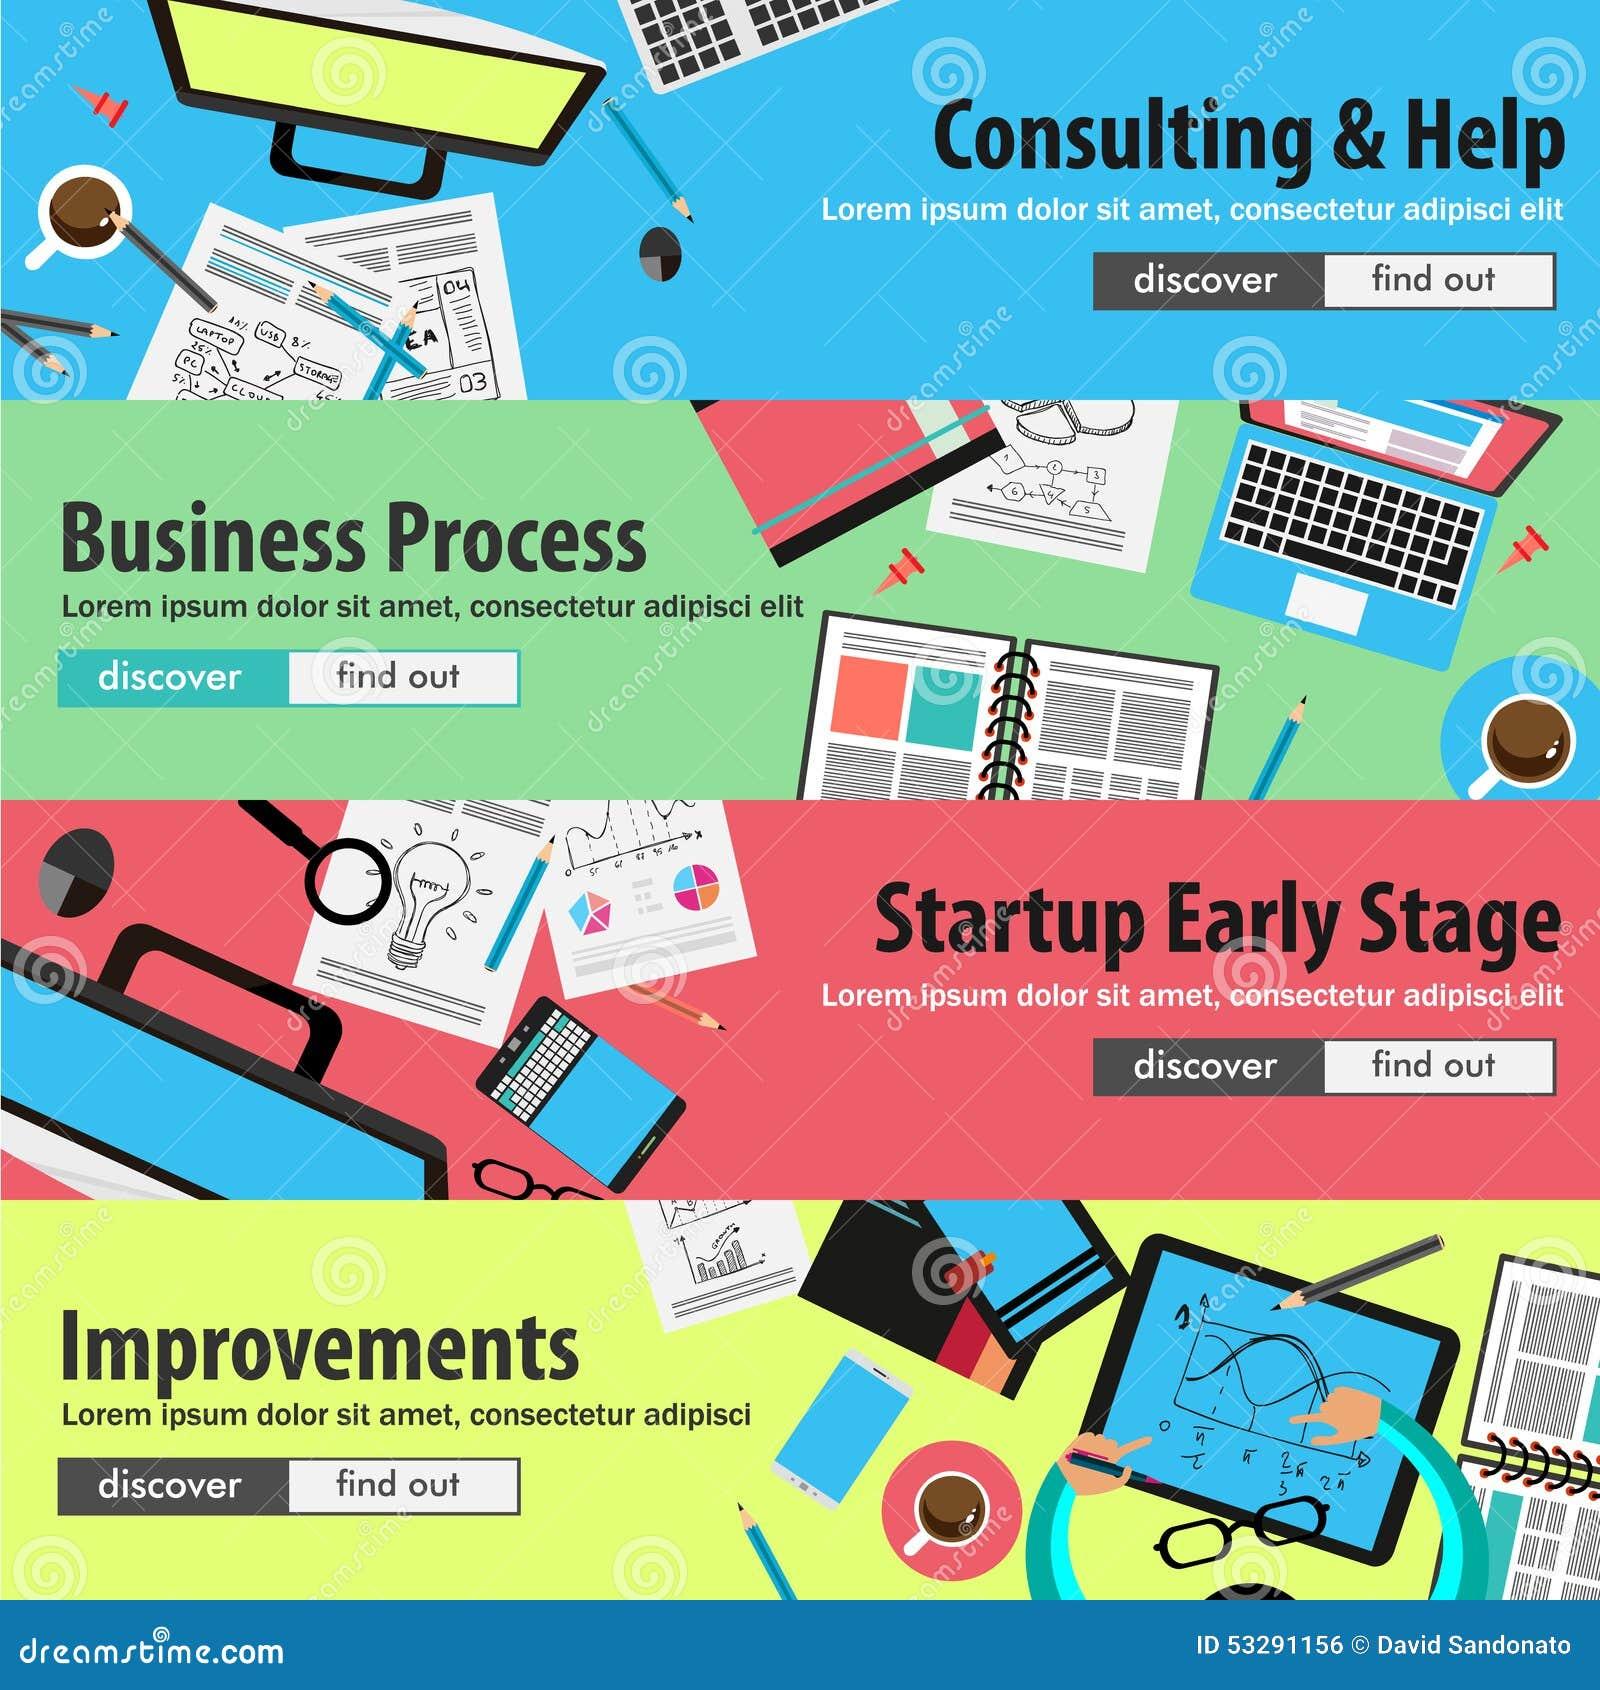 Έννοιες σχεδίου για τις κινητές επενδύσεις μάρκετινγκ και χρημάτων